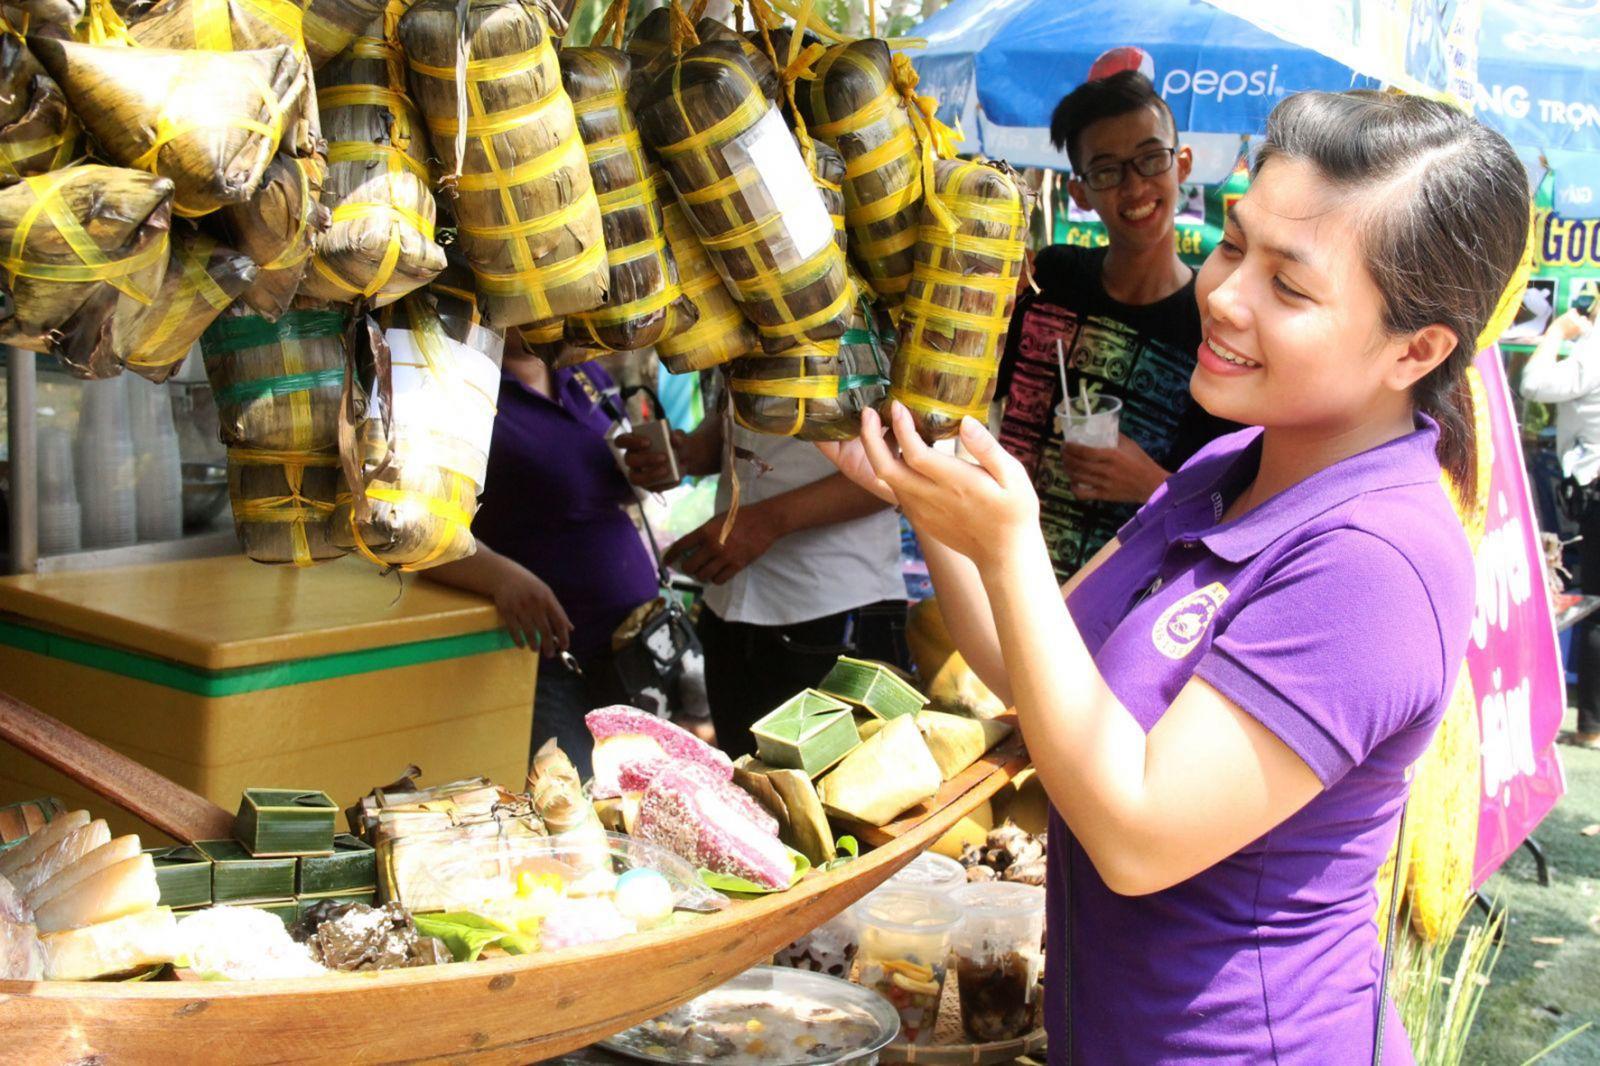 Lễ hội Bánh dân gian Nam bộ là dịp tôn vinh giá trị ẩm thực phương Nam và thu hút du khách đến với Cần Thơ. Ảnh: ĐĂNG HUỲNH